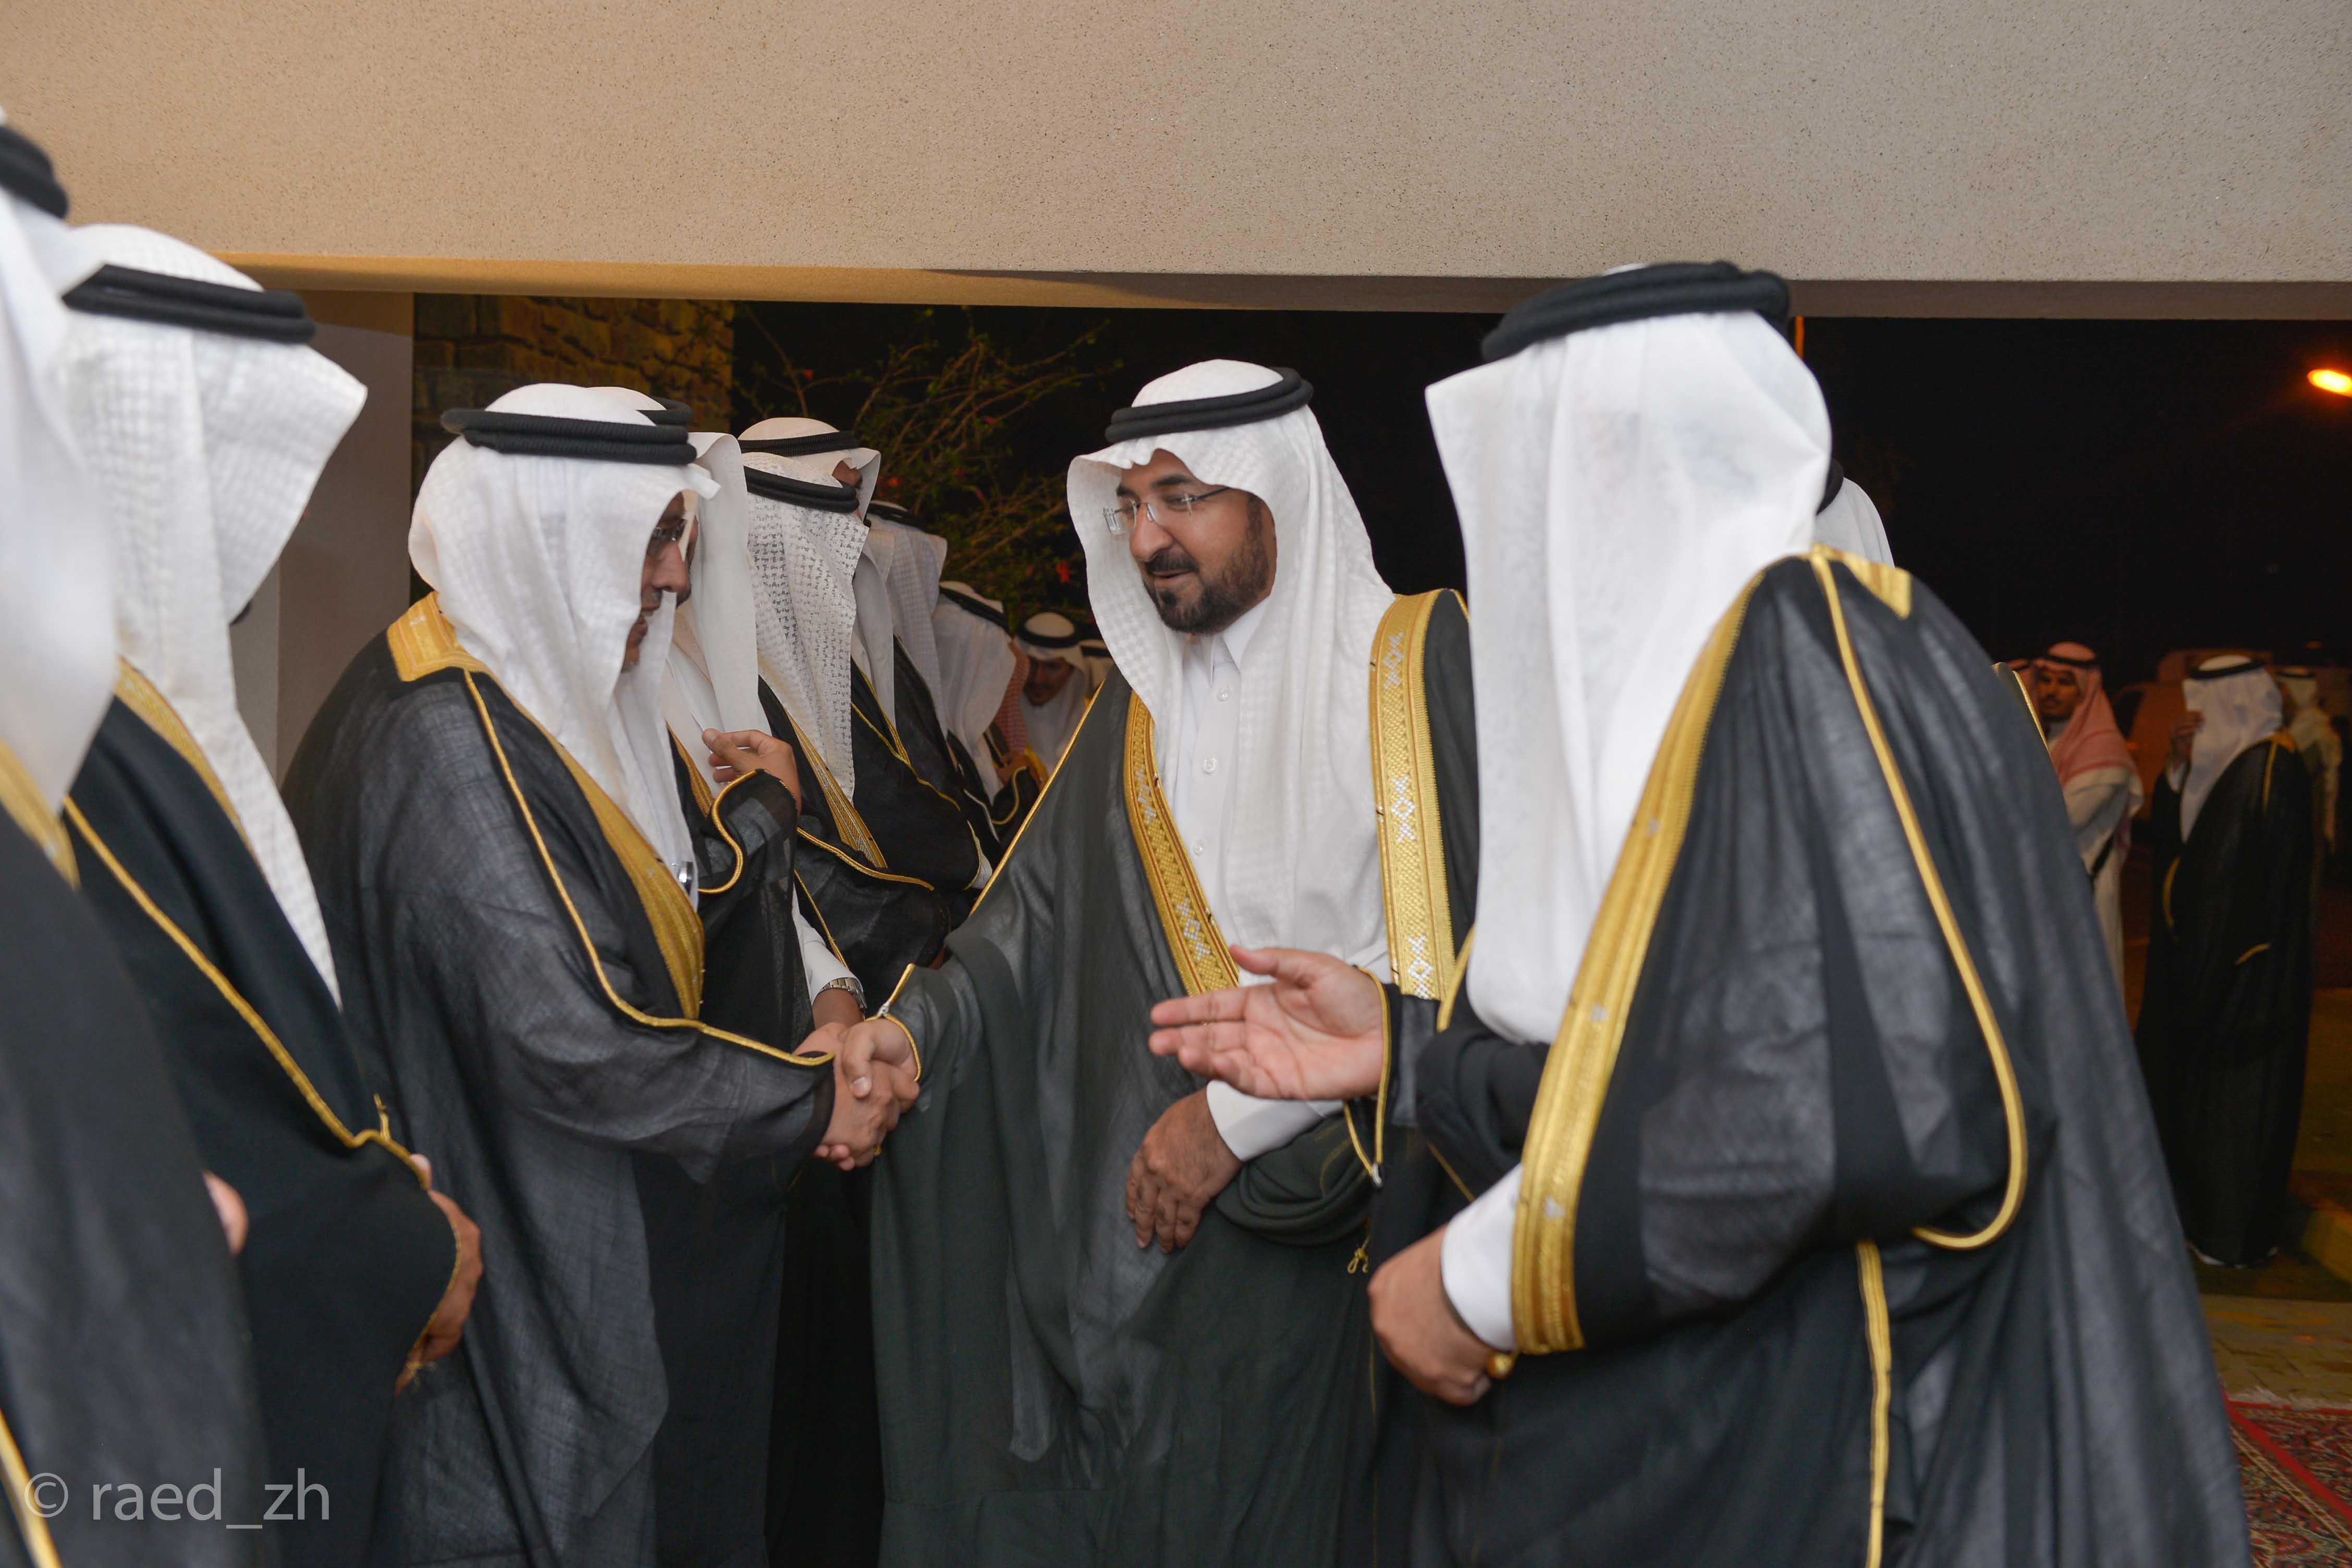 امير الباحة يرعى تخريج الدفعة العاشرة من طلاب وطالبات جامعة الباحة (2)